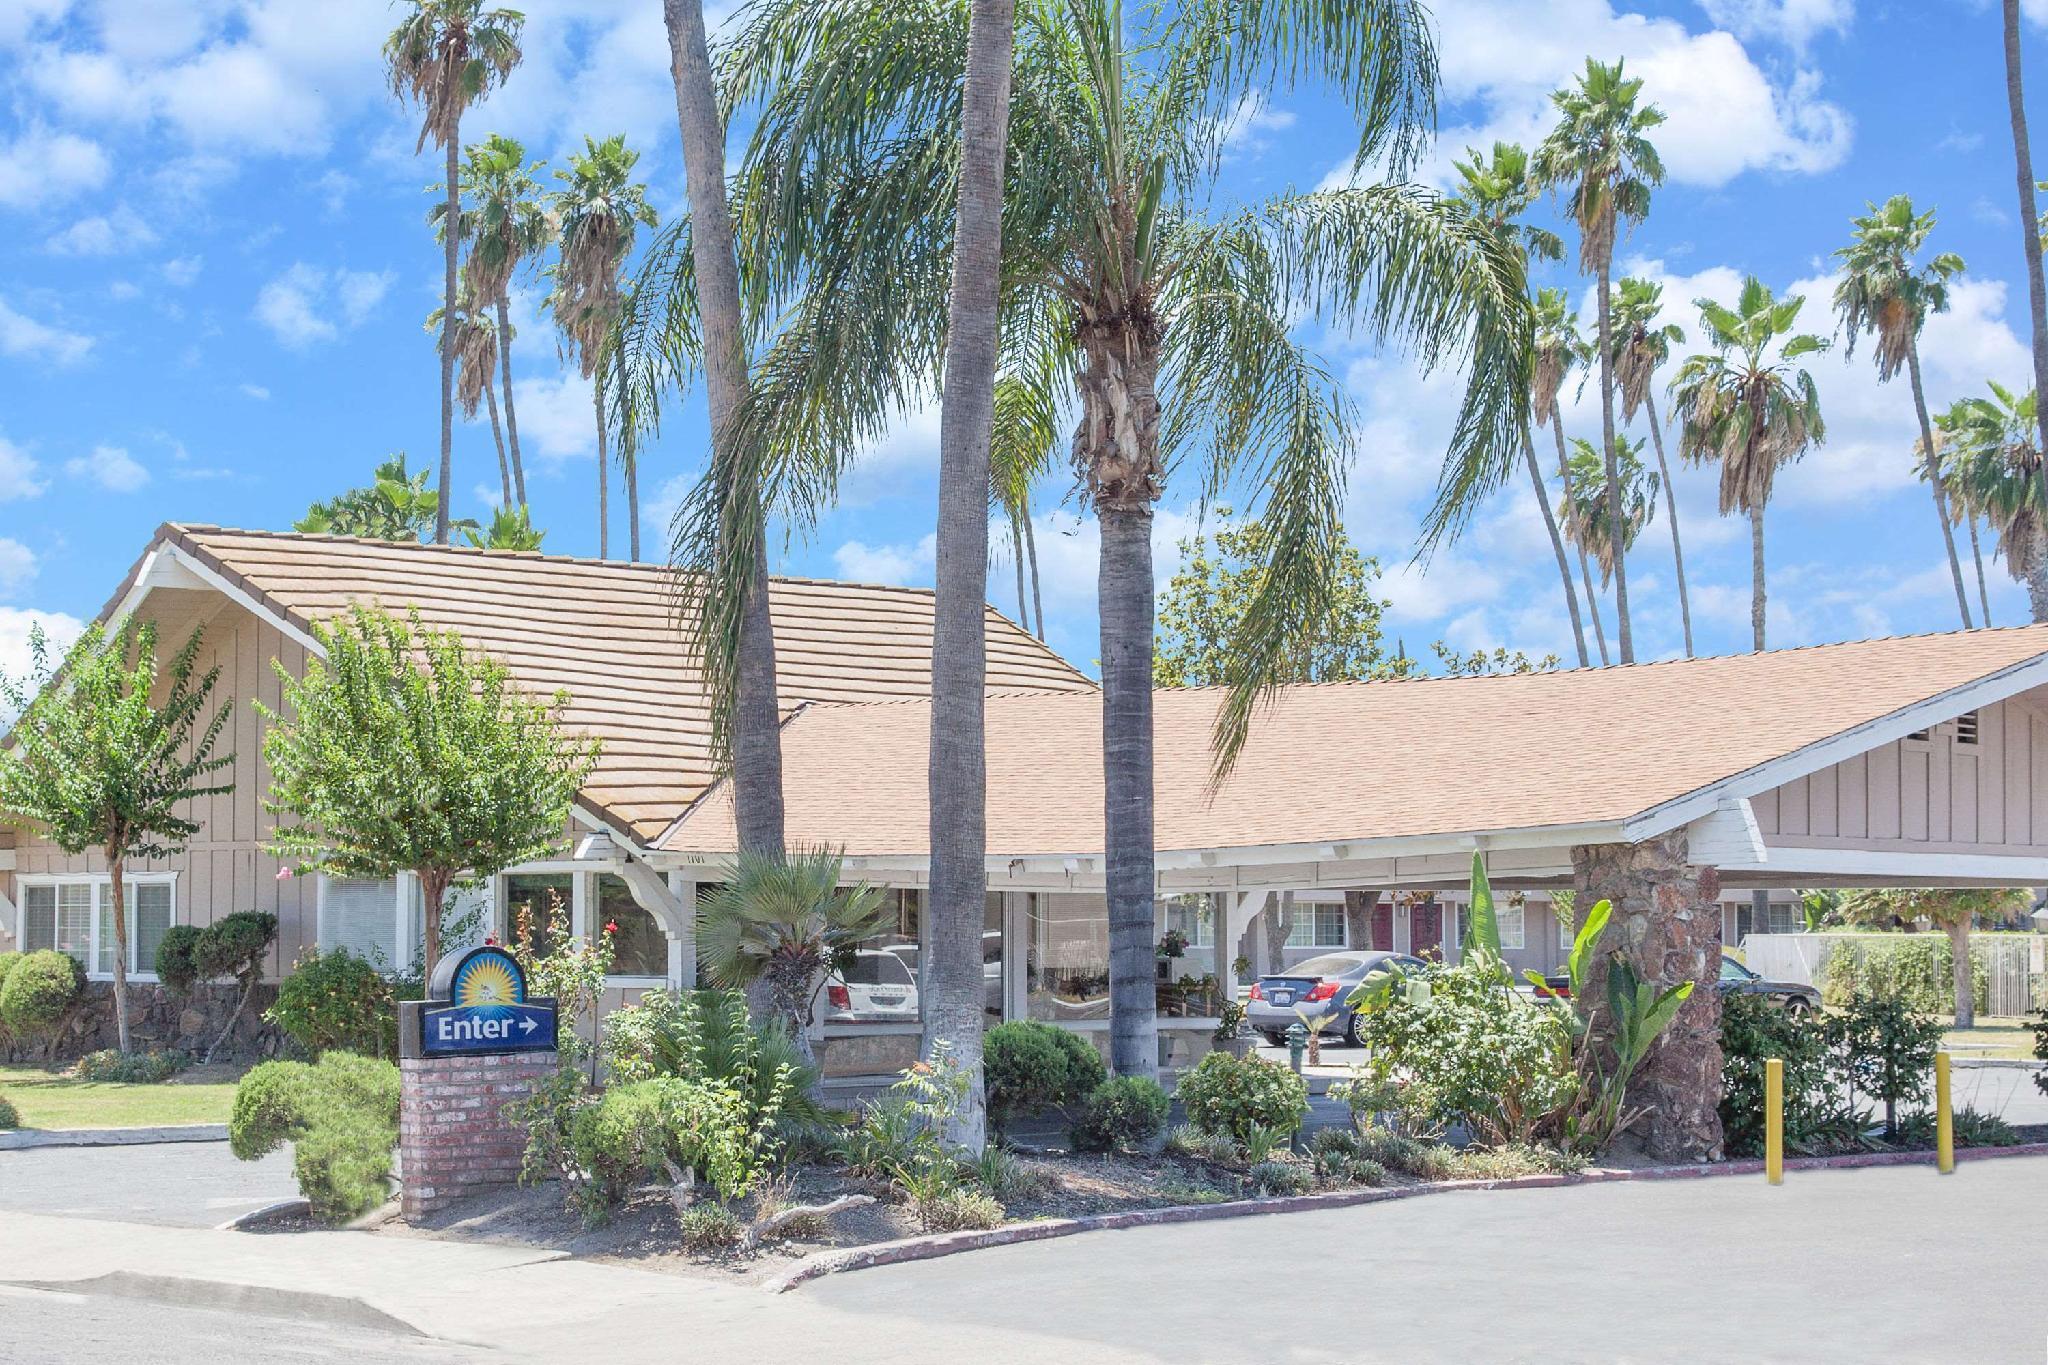 Days Inn By Wyndham Fresno Central